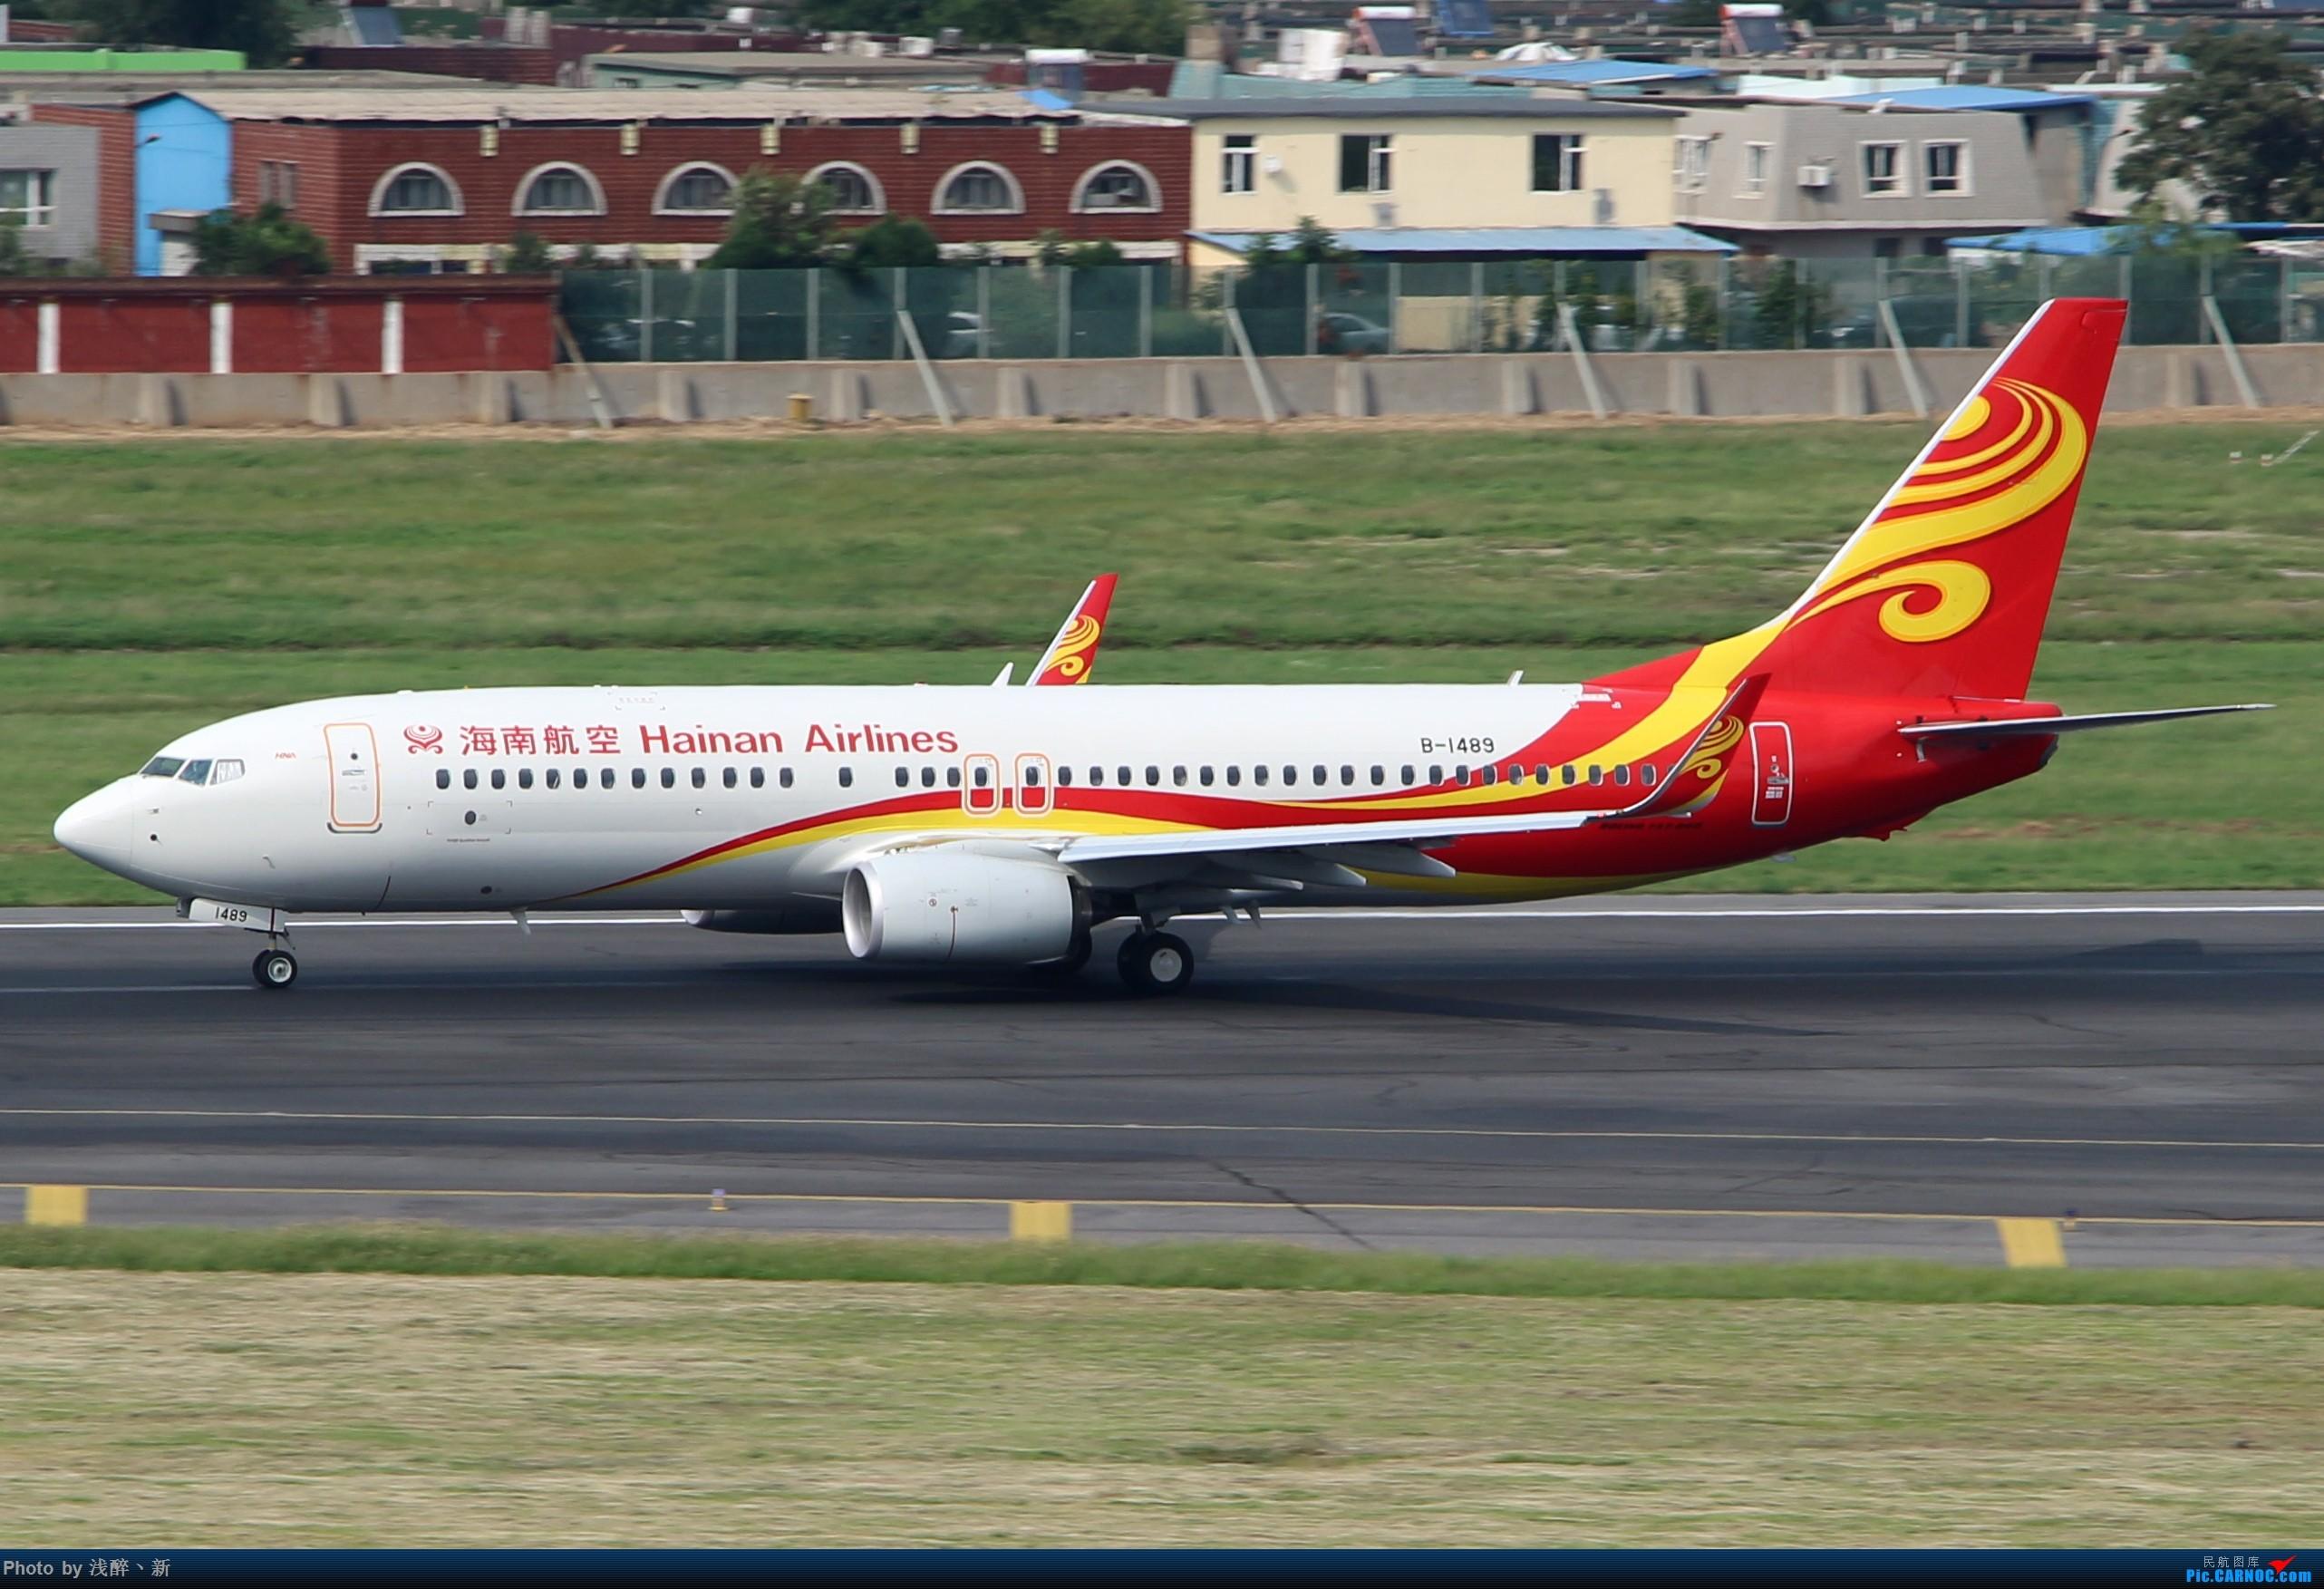 Re:[原创]DLC 2017.9.5 BOEING 737-800 B-1489 中国大连国际机场